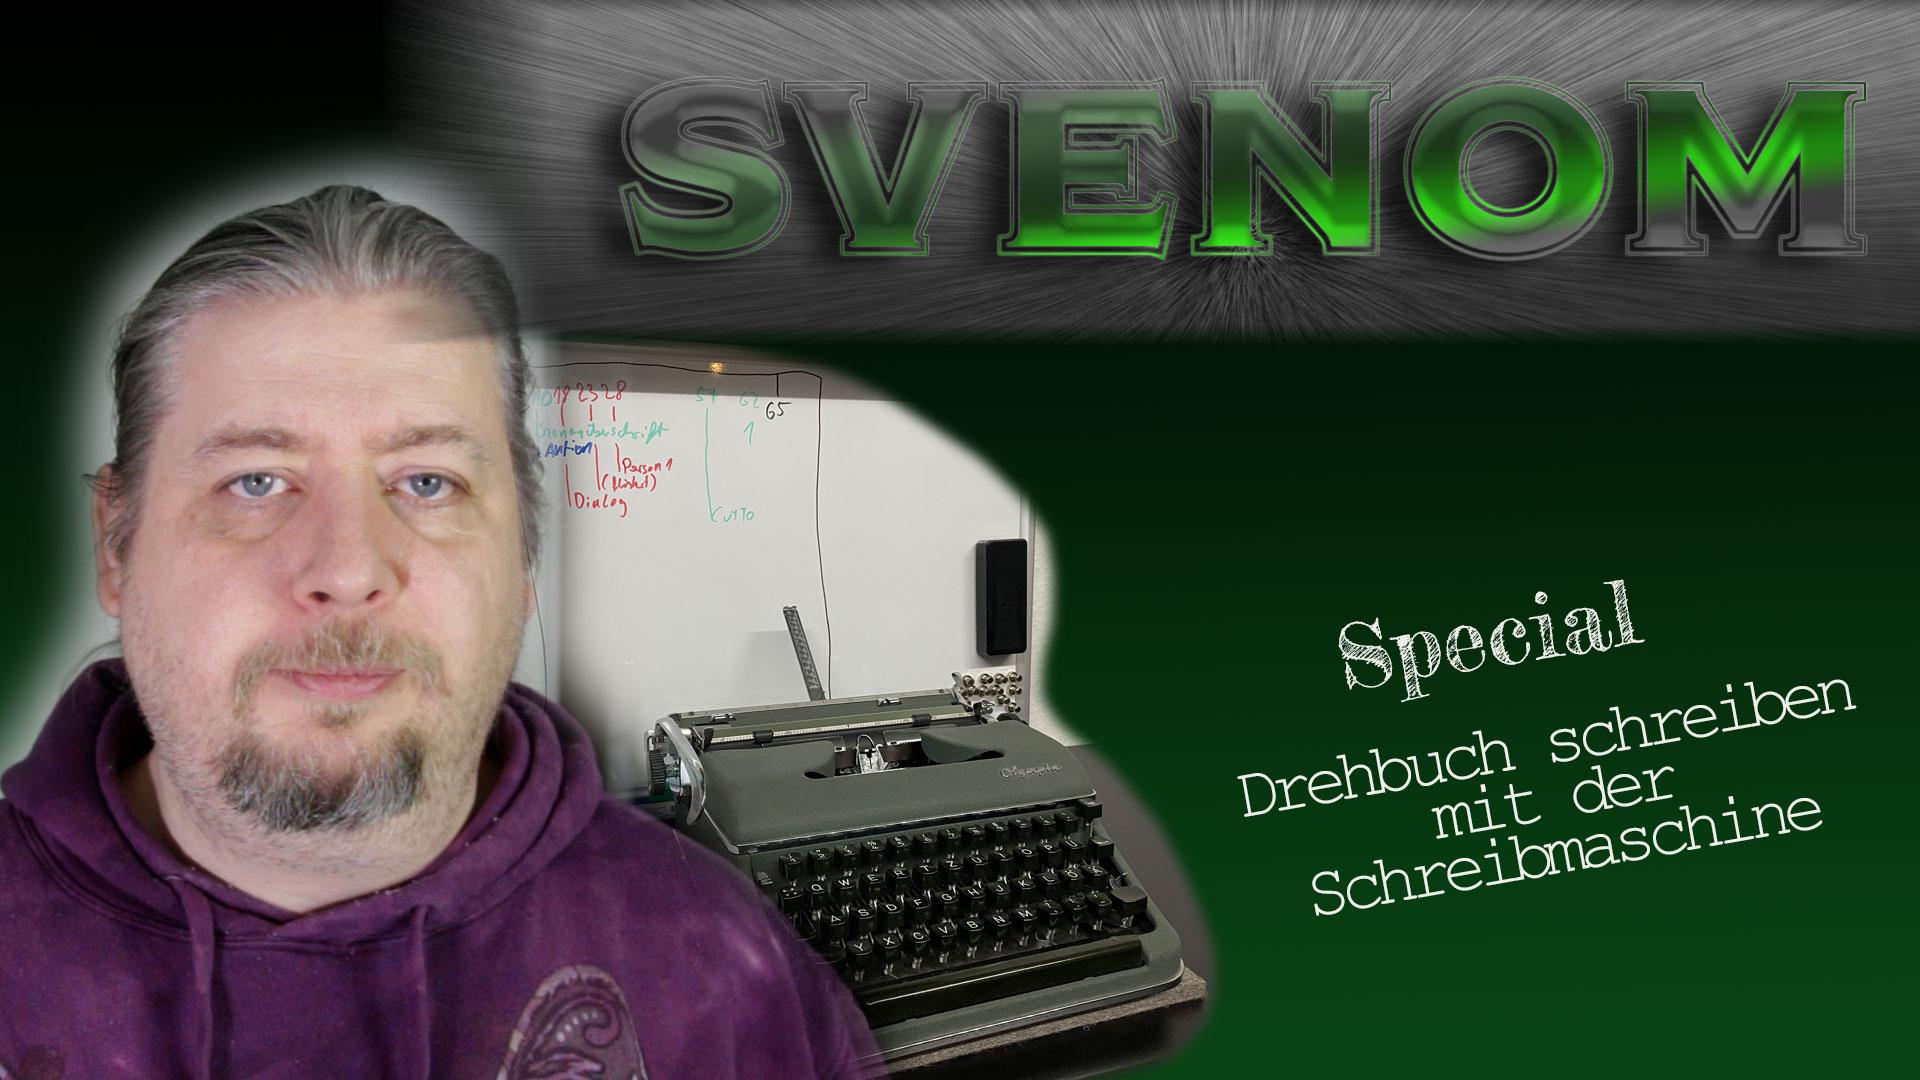 Drehbuch schreiben mit der Schreibmaschine